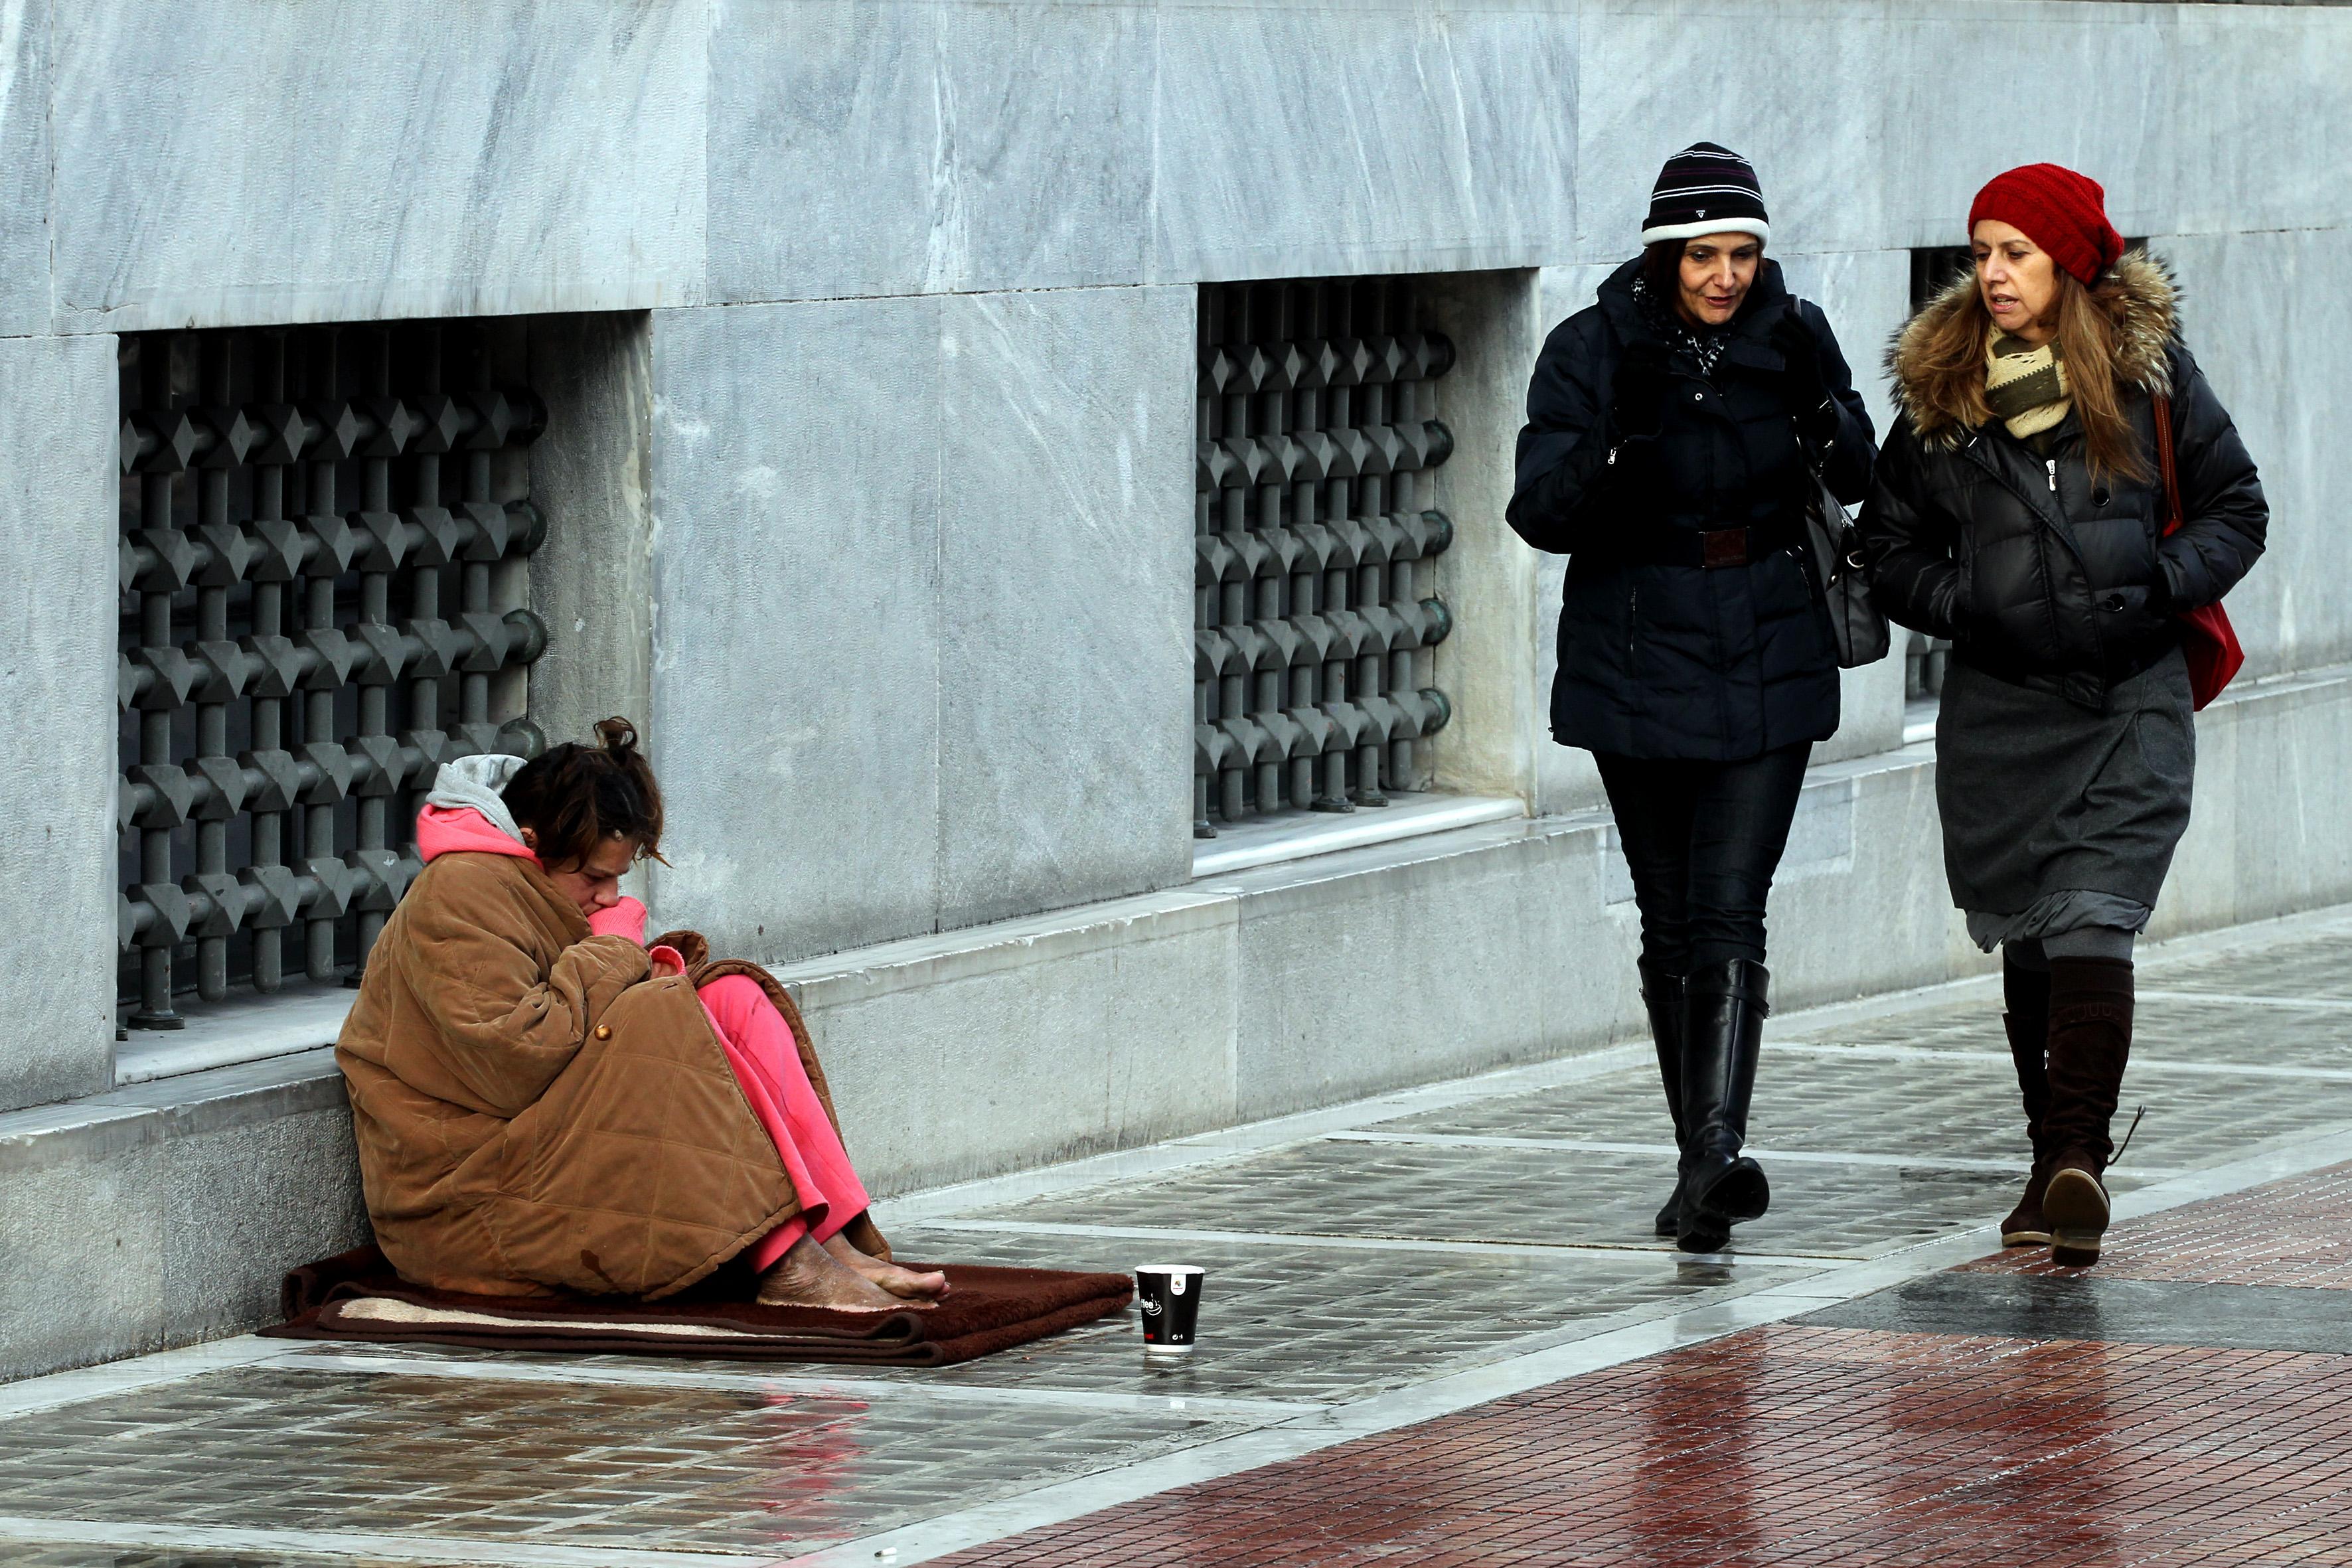 ΕΛΣΤΑΤ: Το  34,6% των ελλήνων ζουν κάτω από το όριο της φτώχειας | tovima.gr